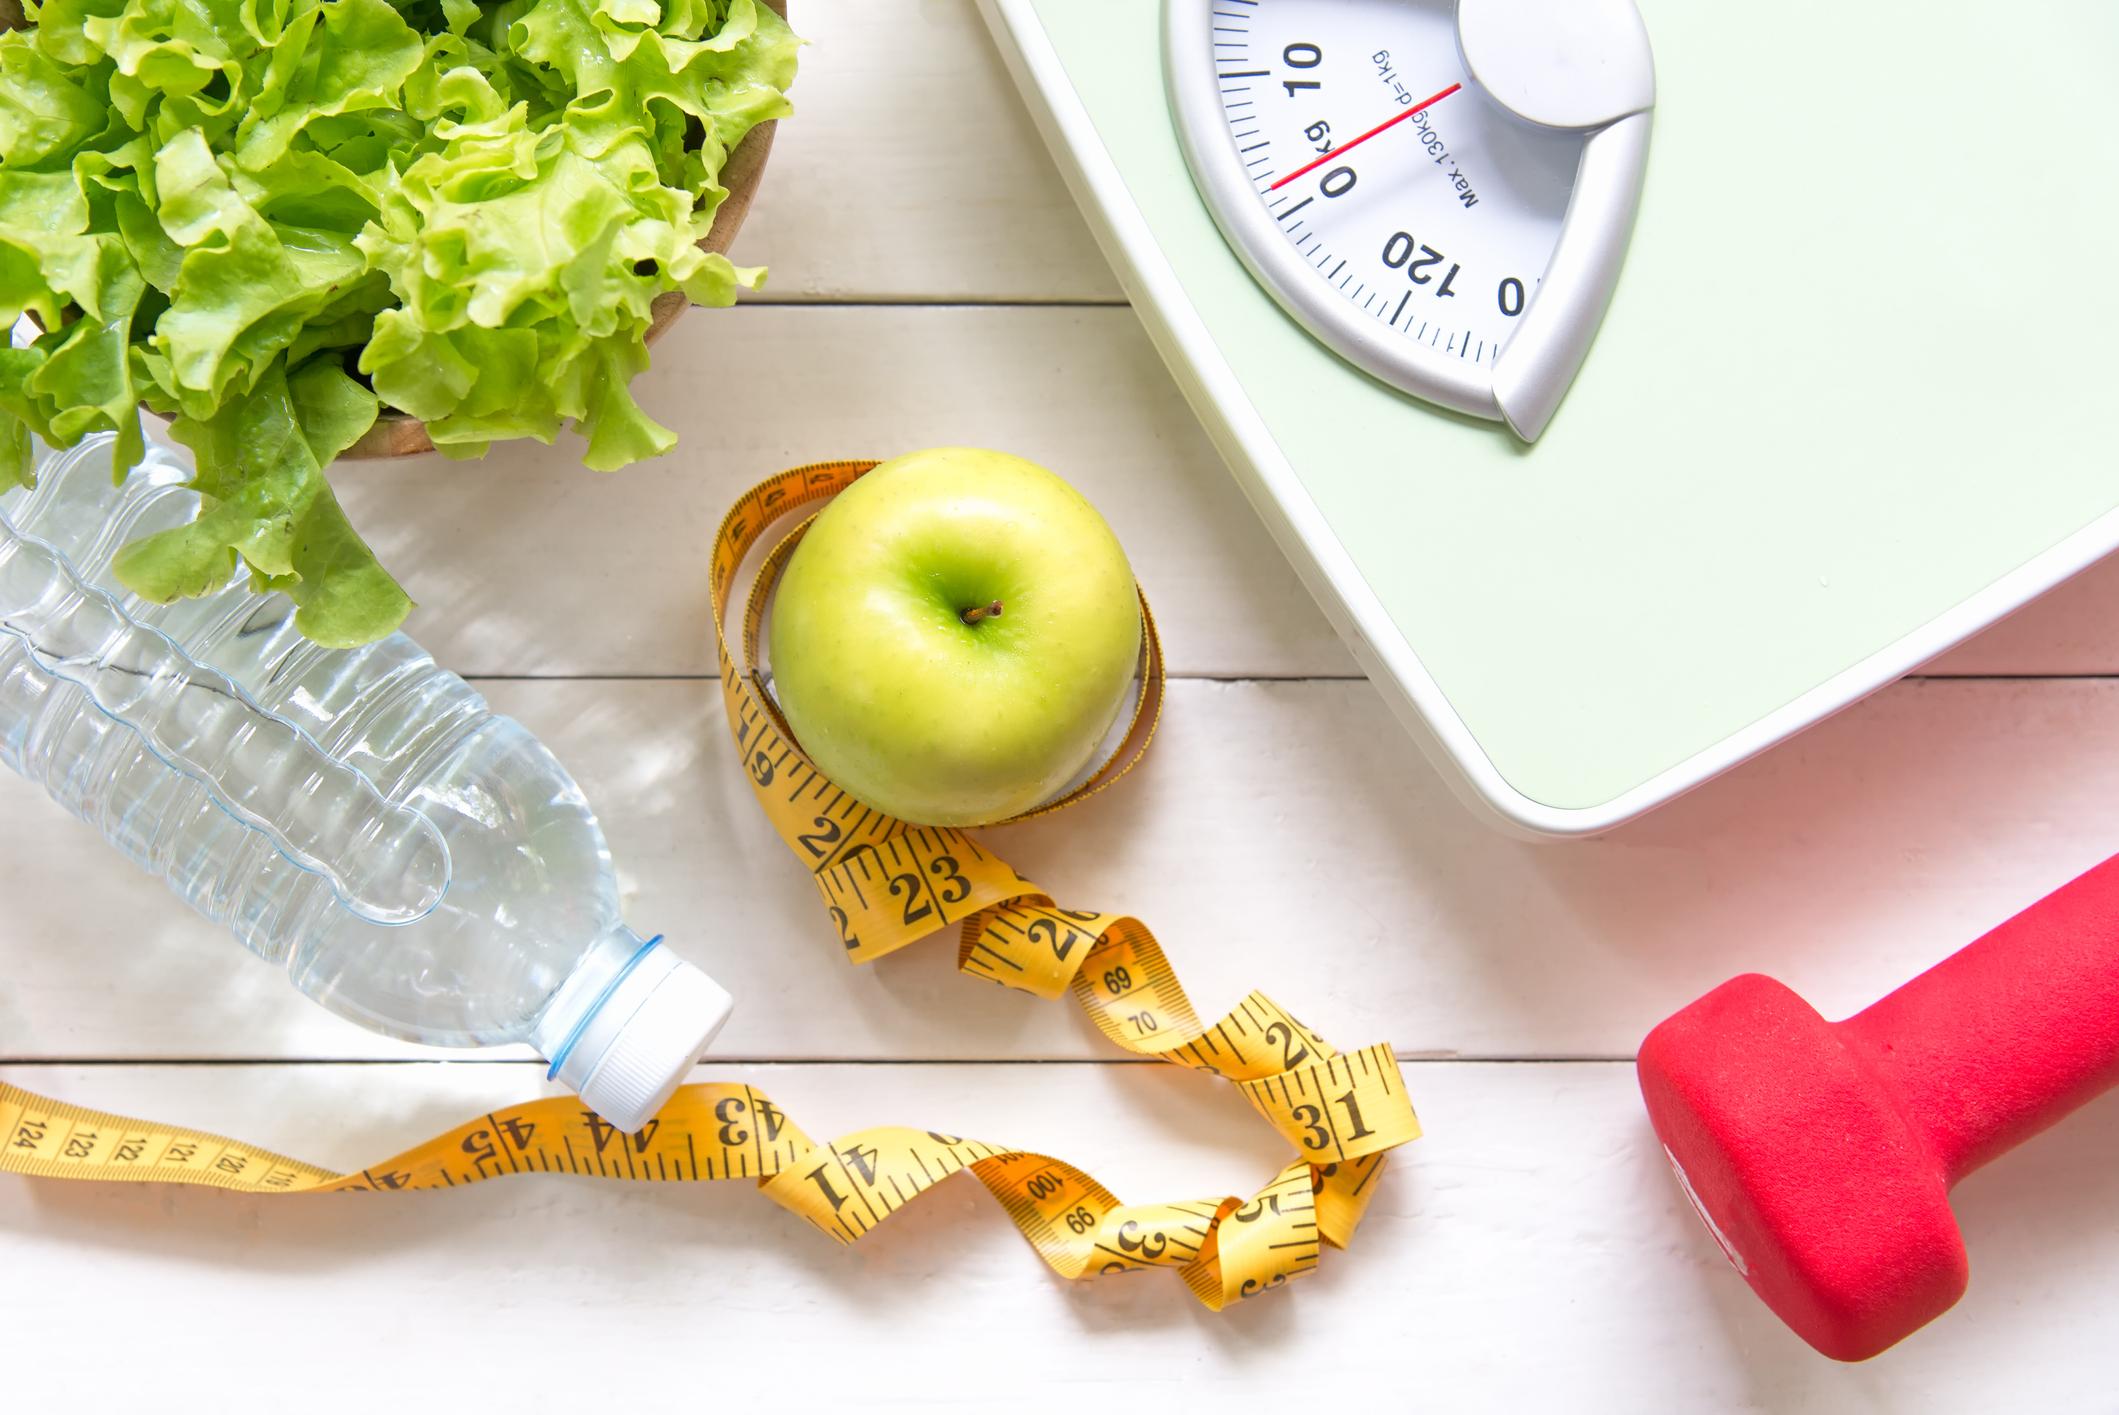 Чому я не можу схуднути: 8 причин, які дадуть відповідь на питання